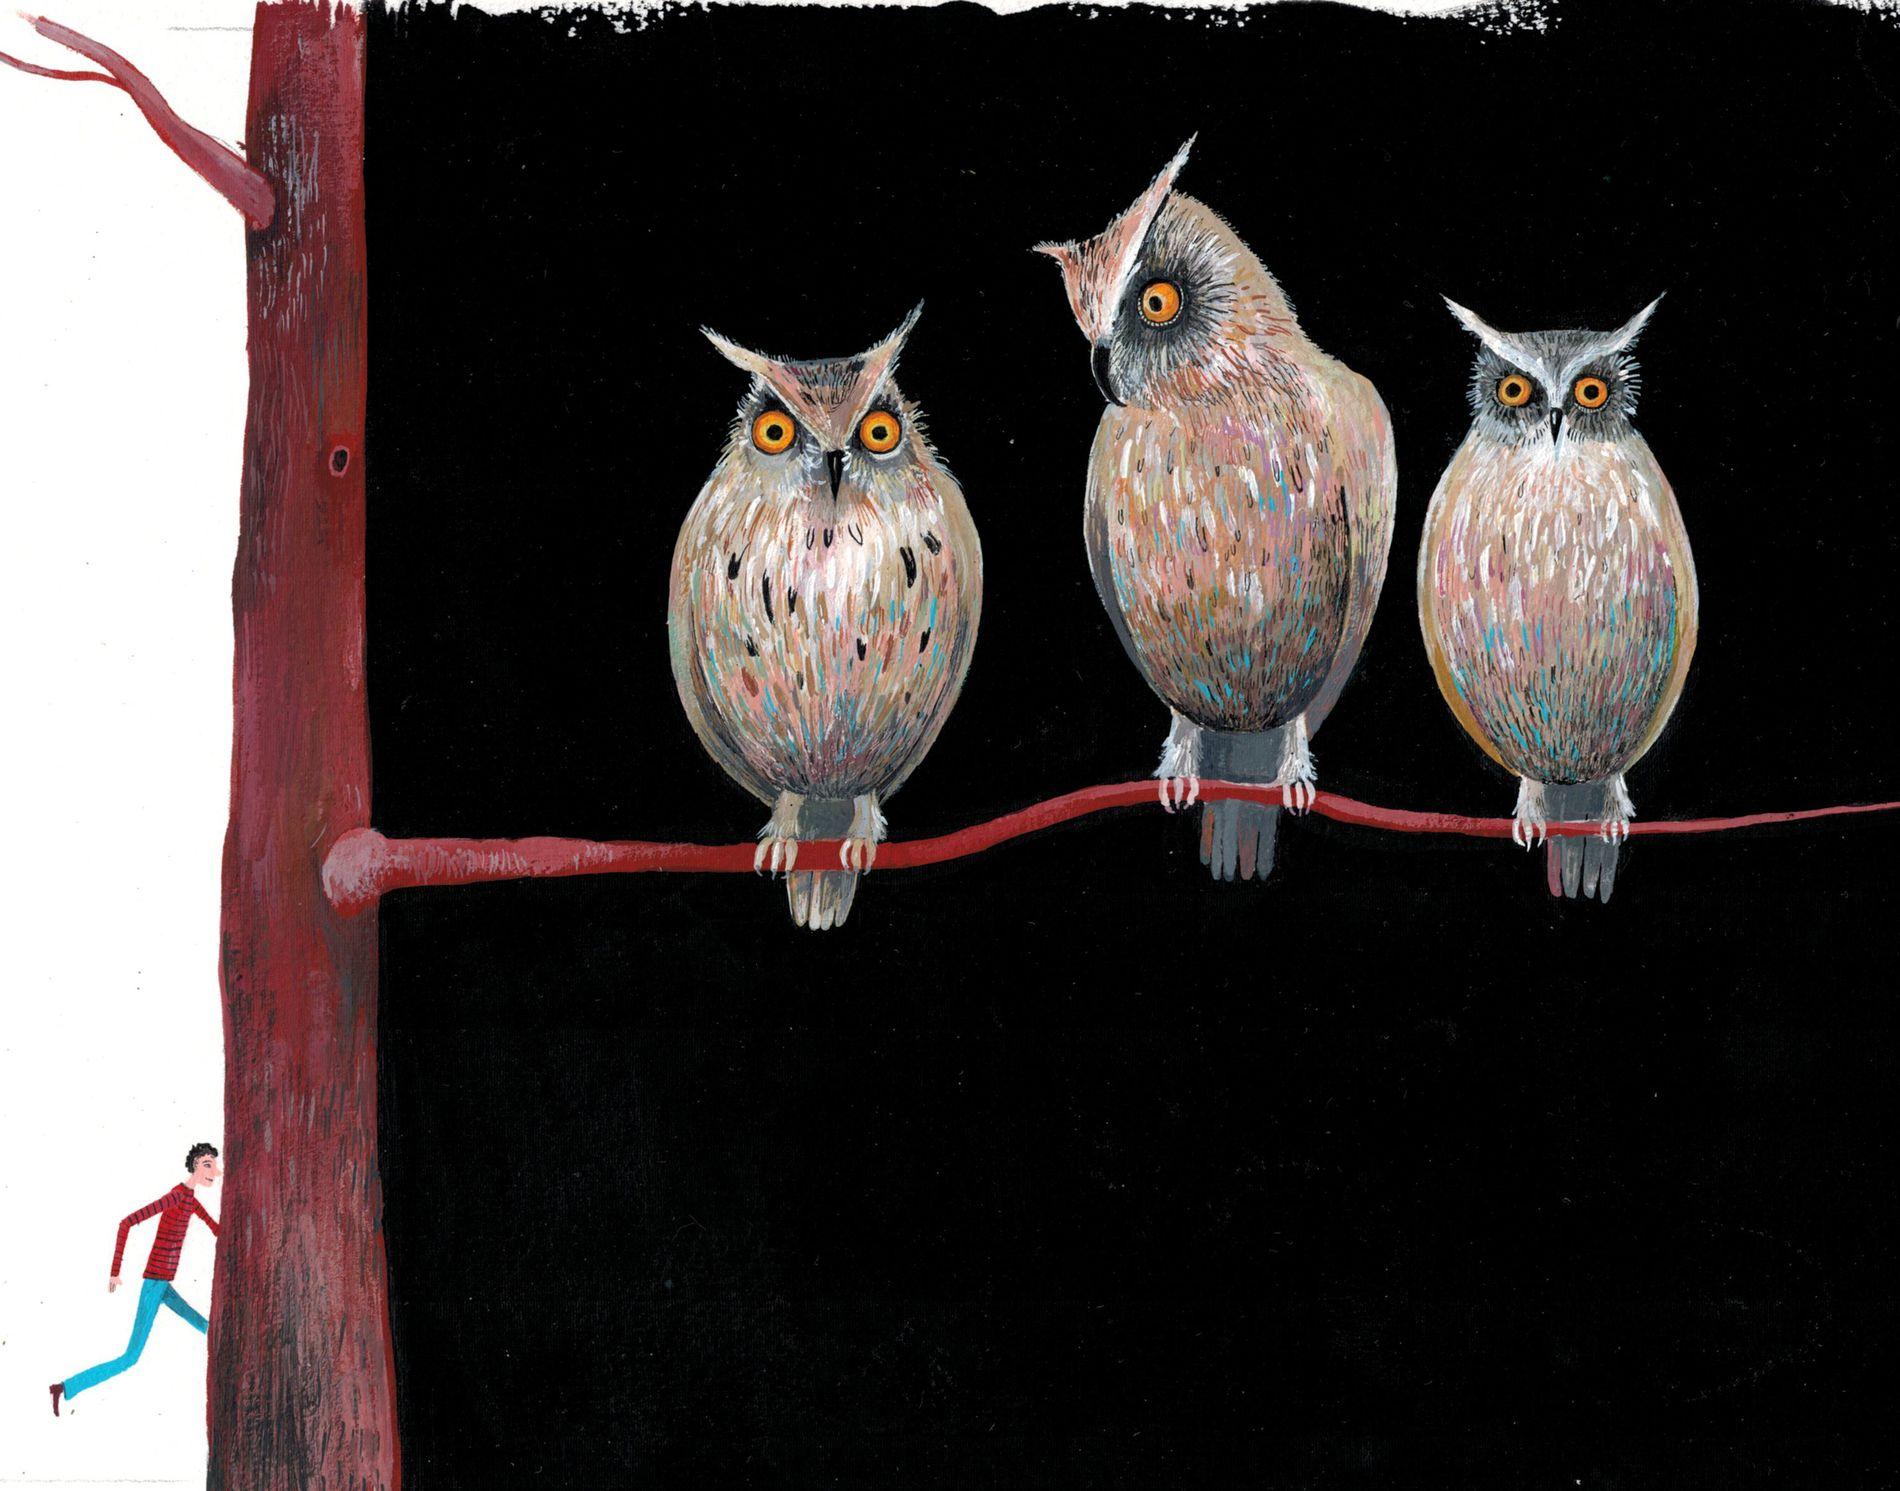 Sacha Poliakova - Les hiboux | Oeuvres | Galerie Robillard